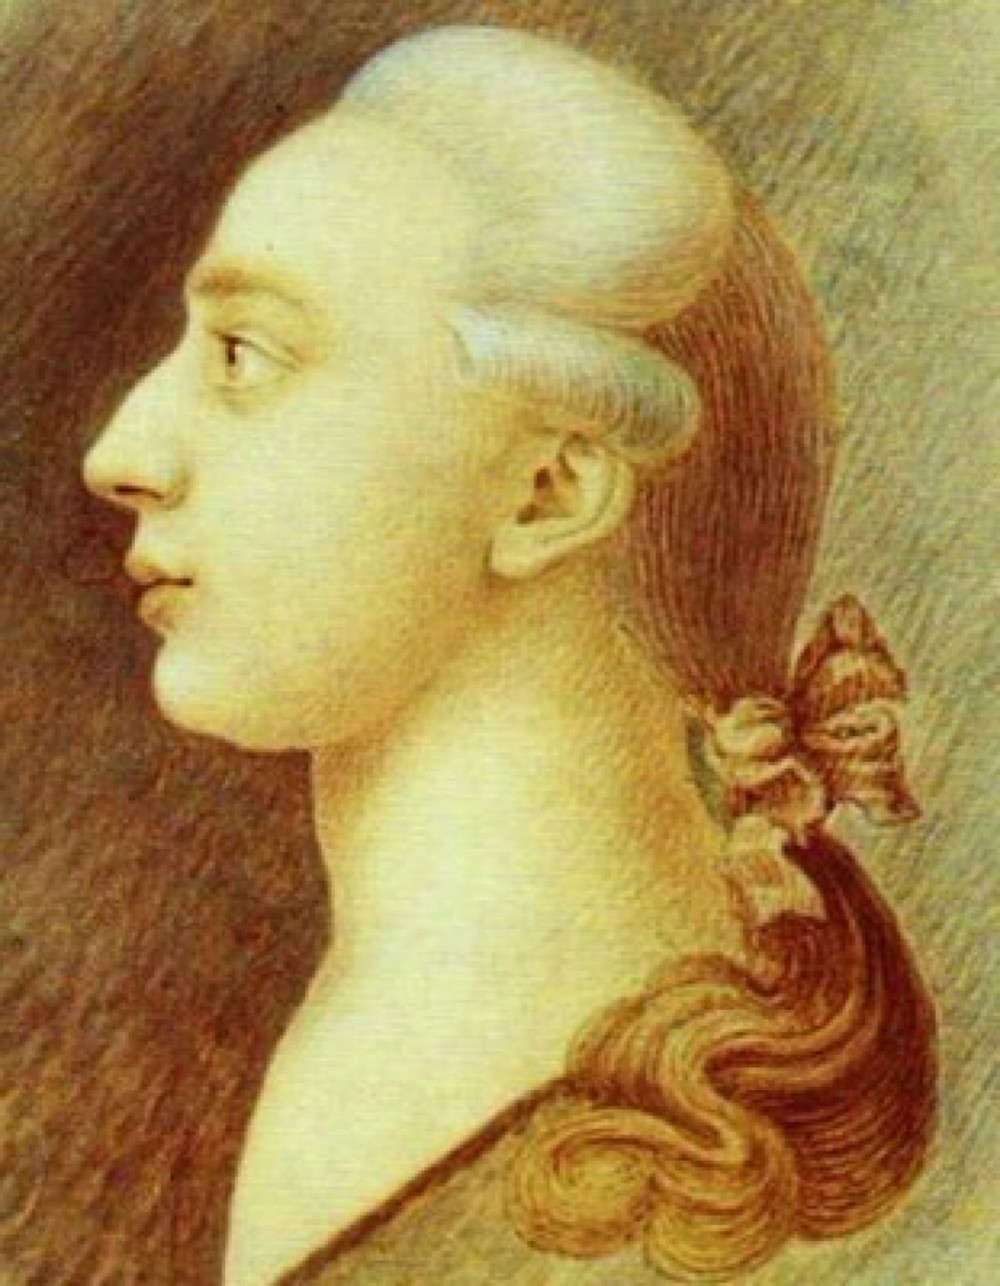 Retrato de Giacomo Casanova. Venecia, nace en Venecia en 1725Remi! Los regatistas saludando